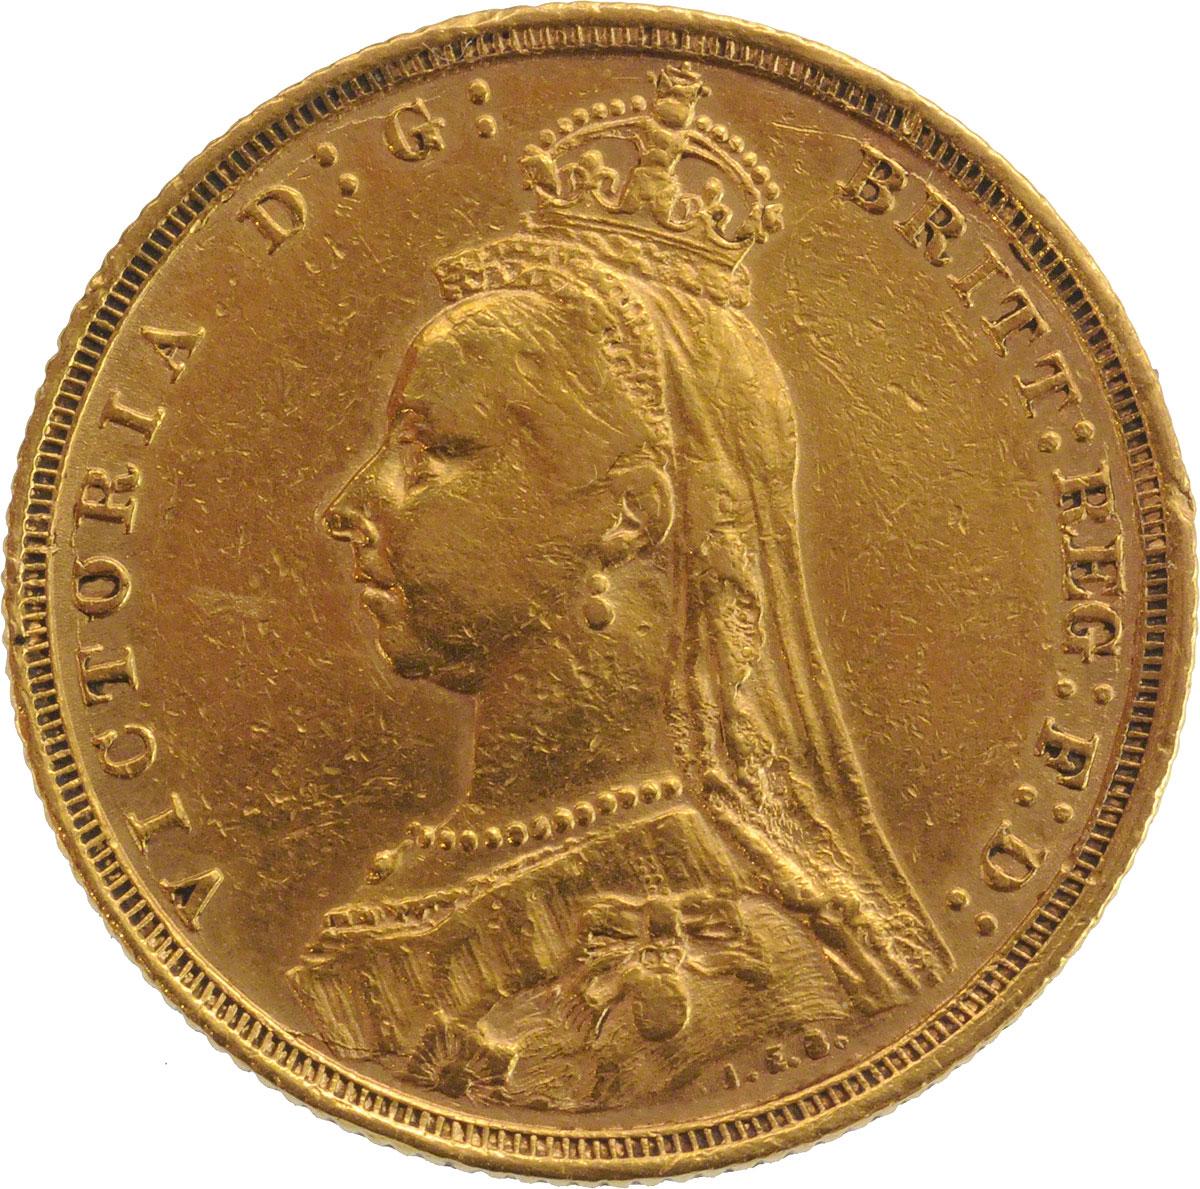 1891 Βικτώρια (Νομισματοκοπείο Σίδνεϊ)